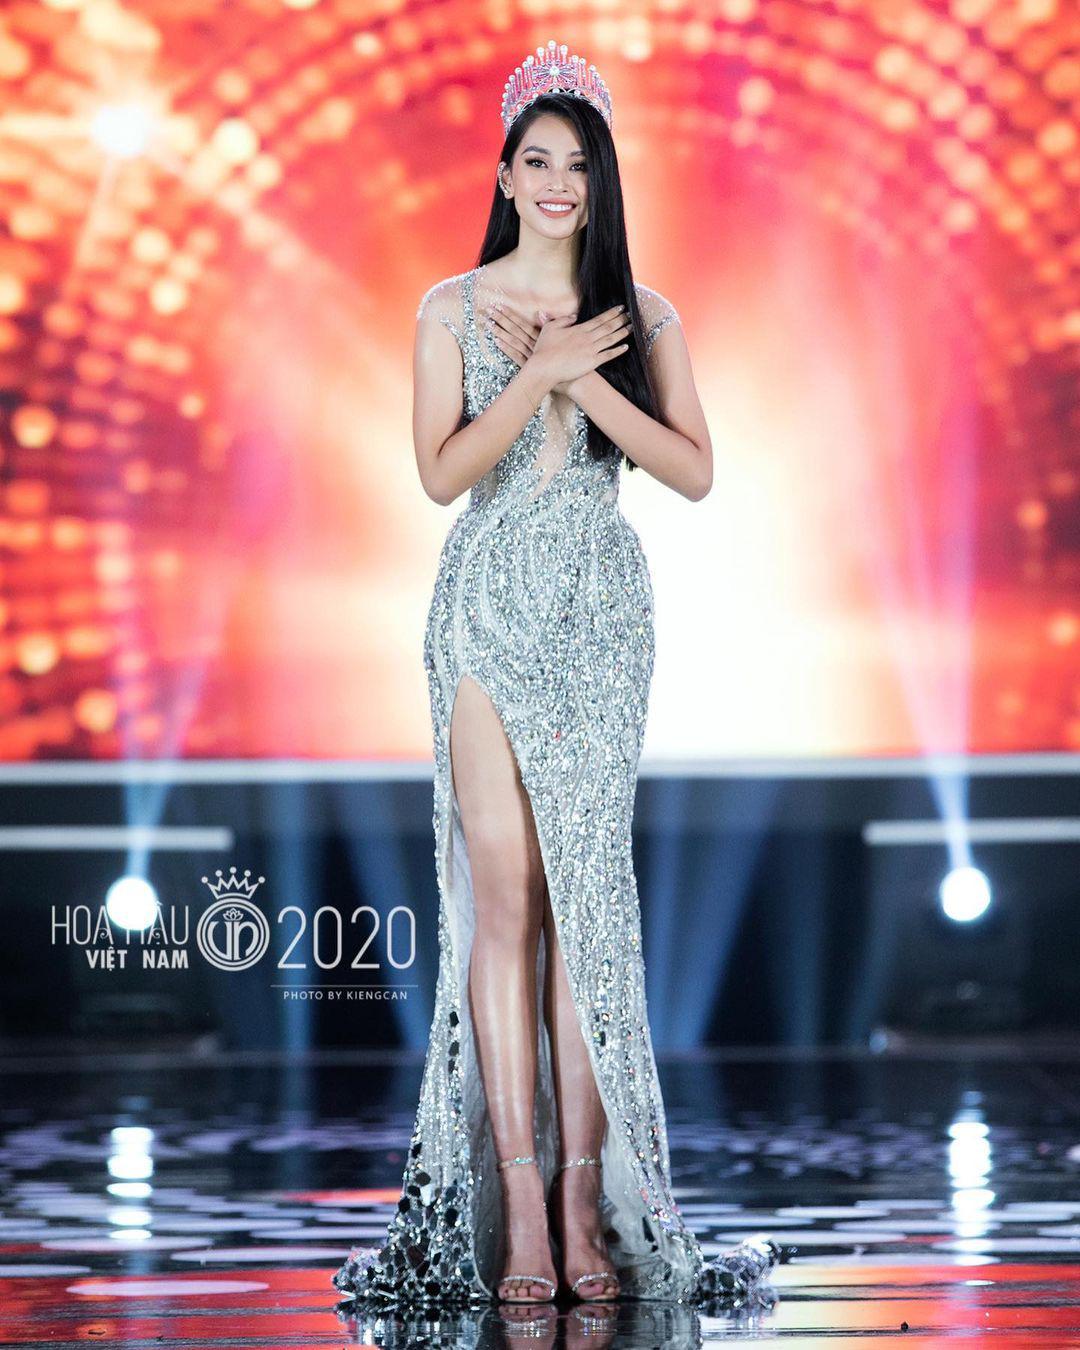 Kỳ Duyên hoài niệm về khoảnh khắc đăng quang Hoa hậu Việt Nam 2014, Trần Tiểu Vy bồi hồi xúc động - Ảnh 2.